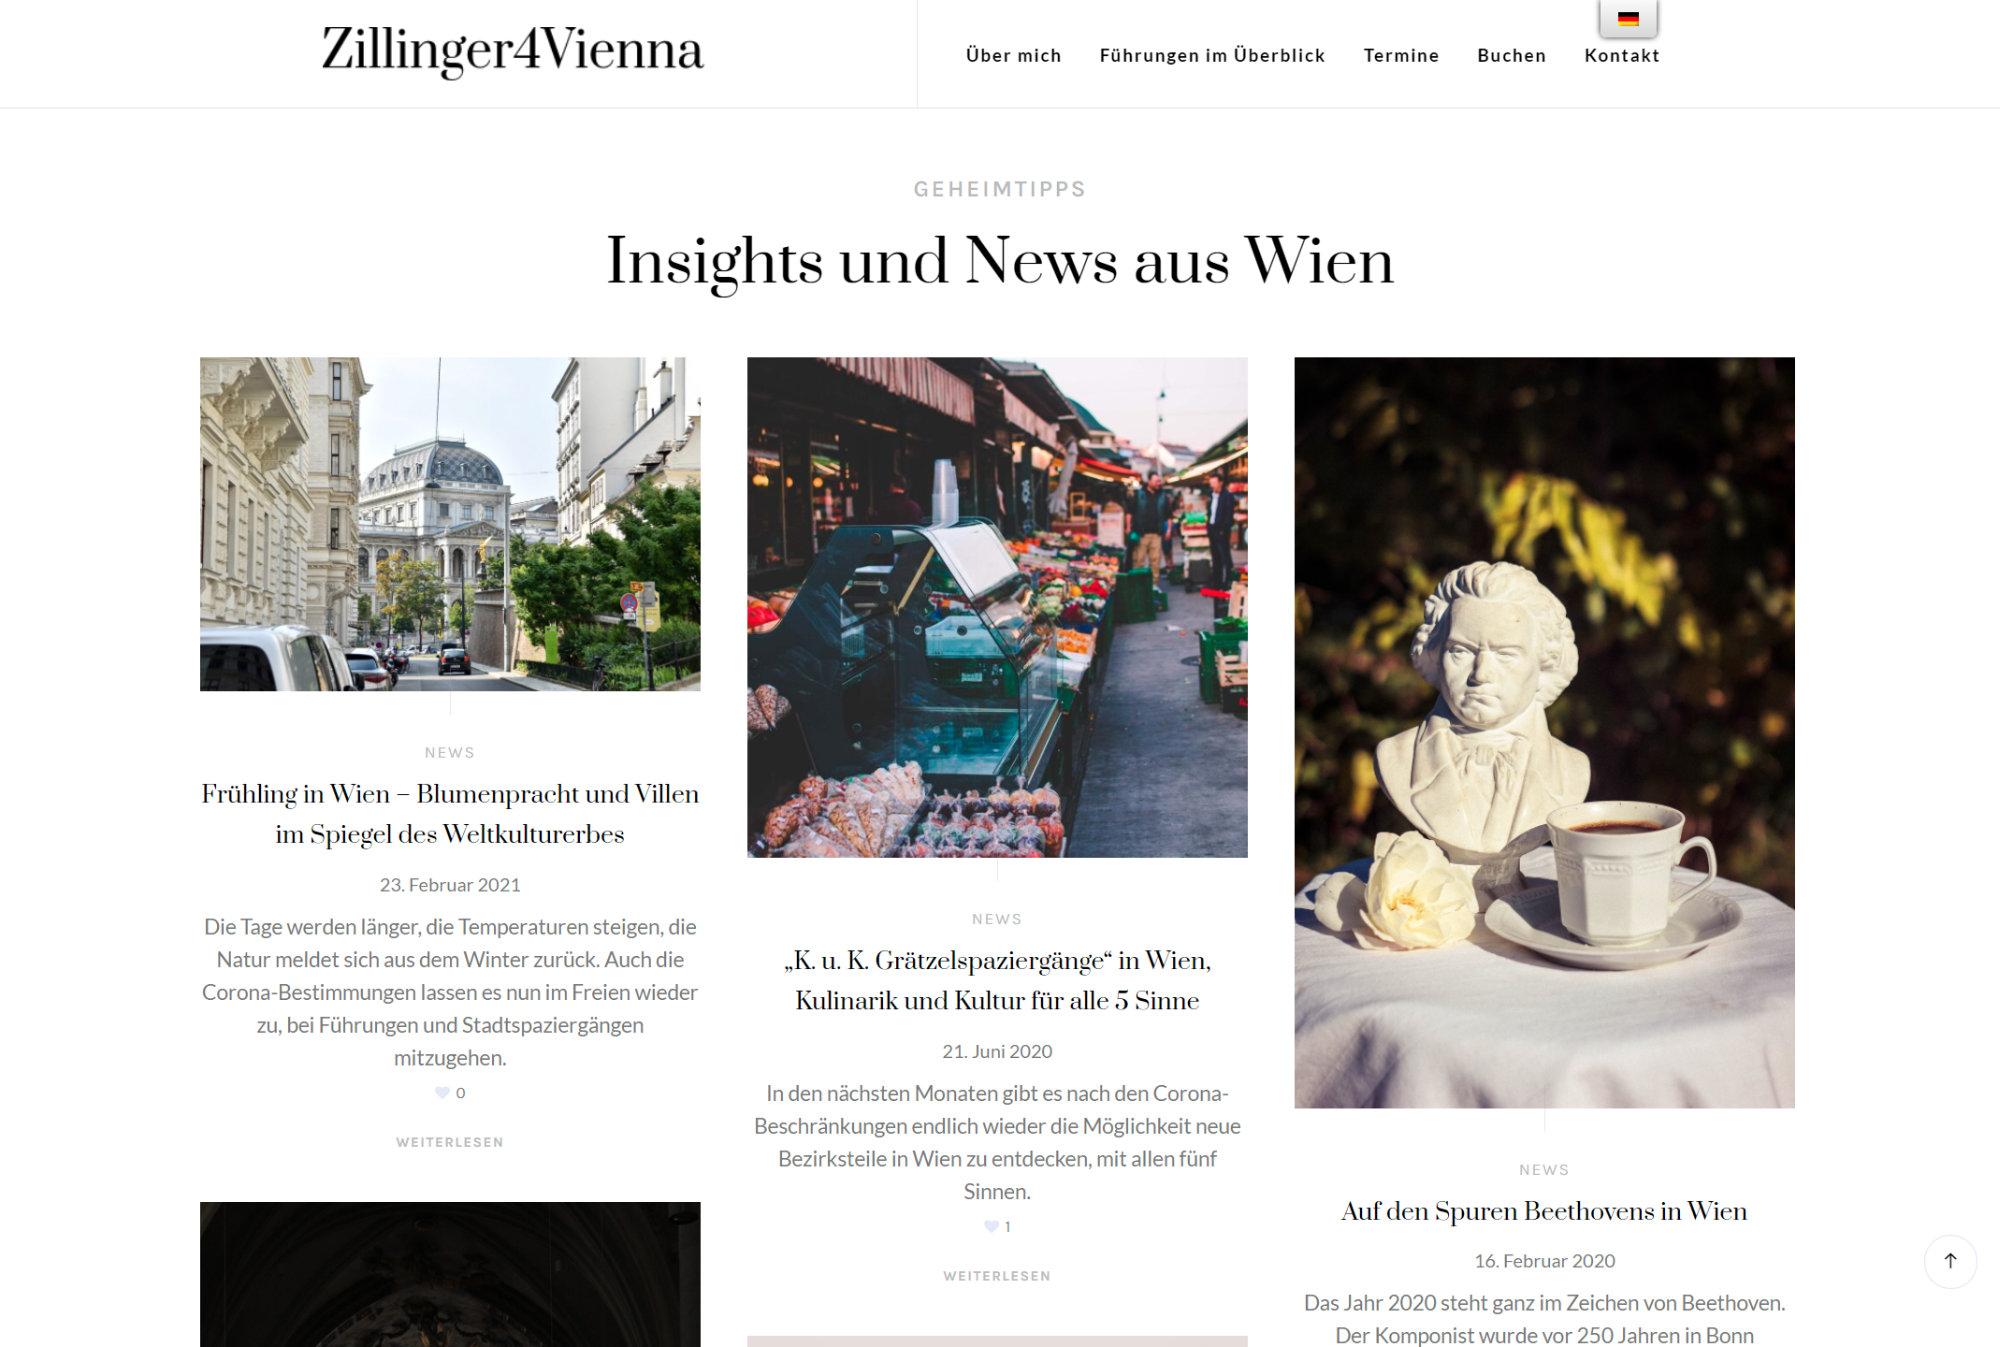 whateverworks-Zillinger4Vienna-C